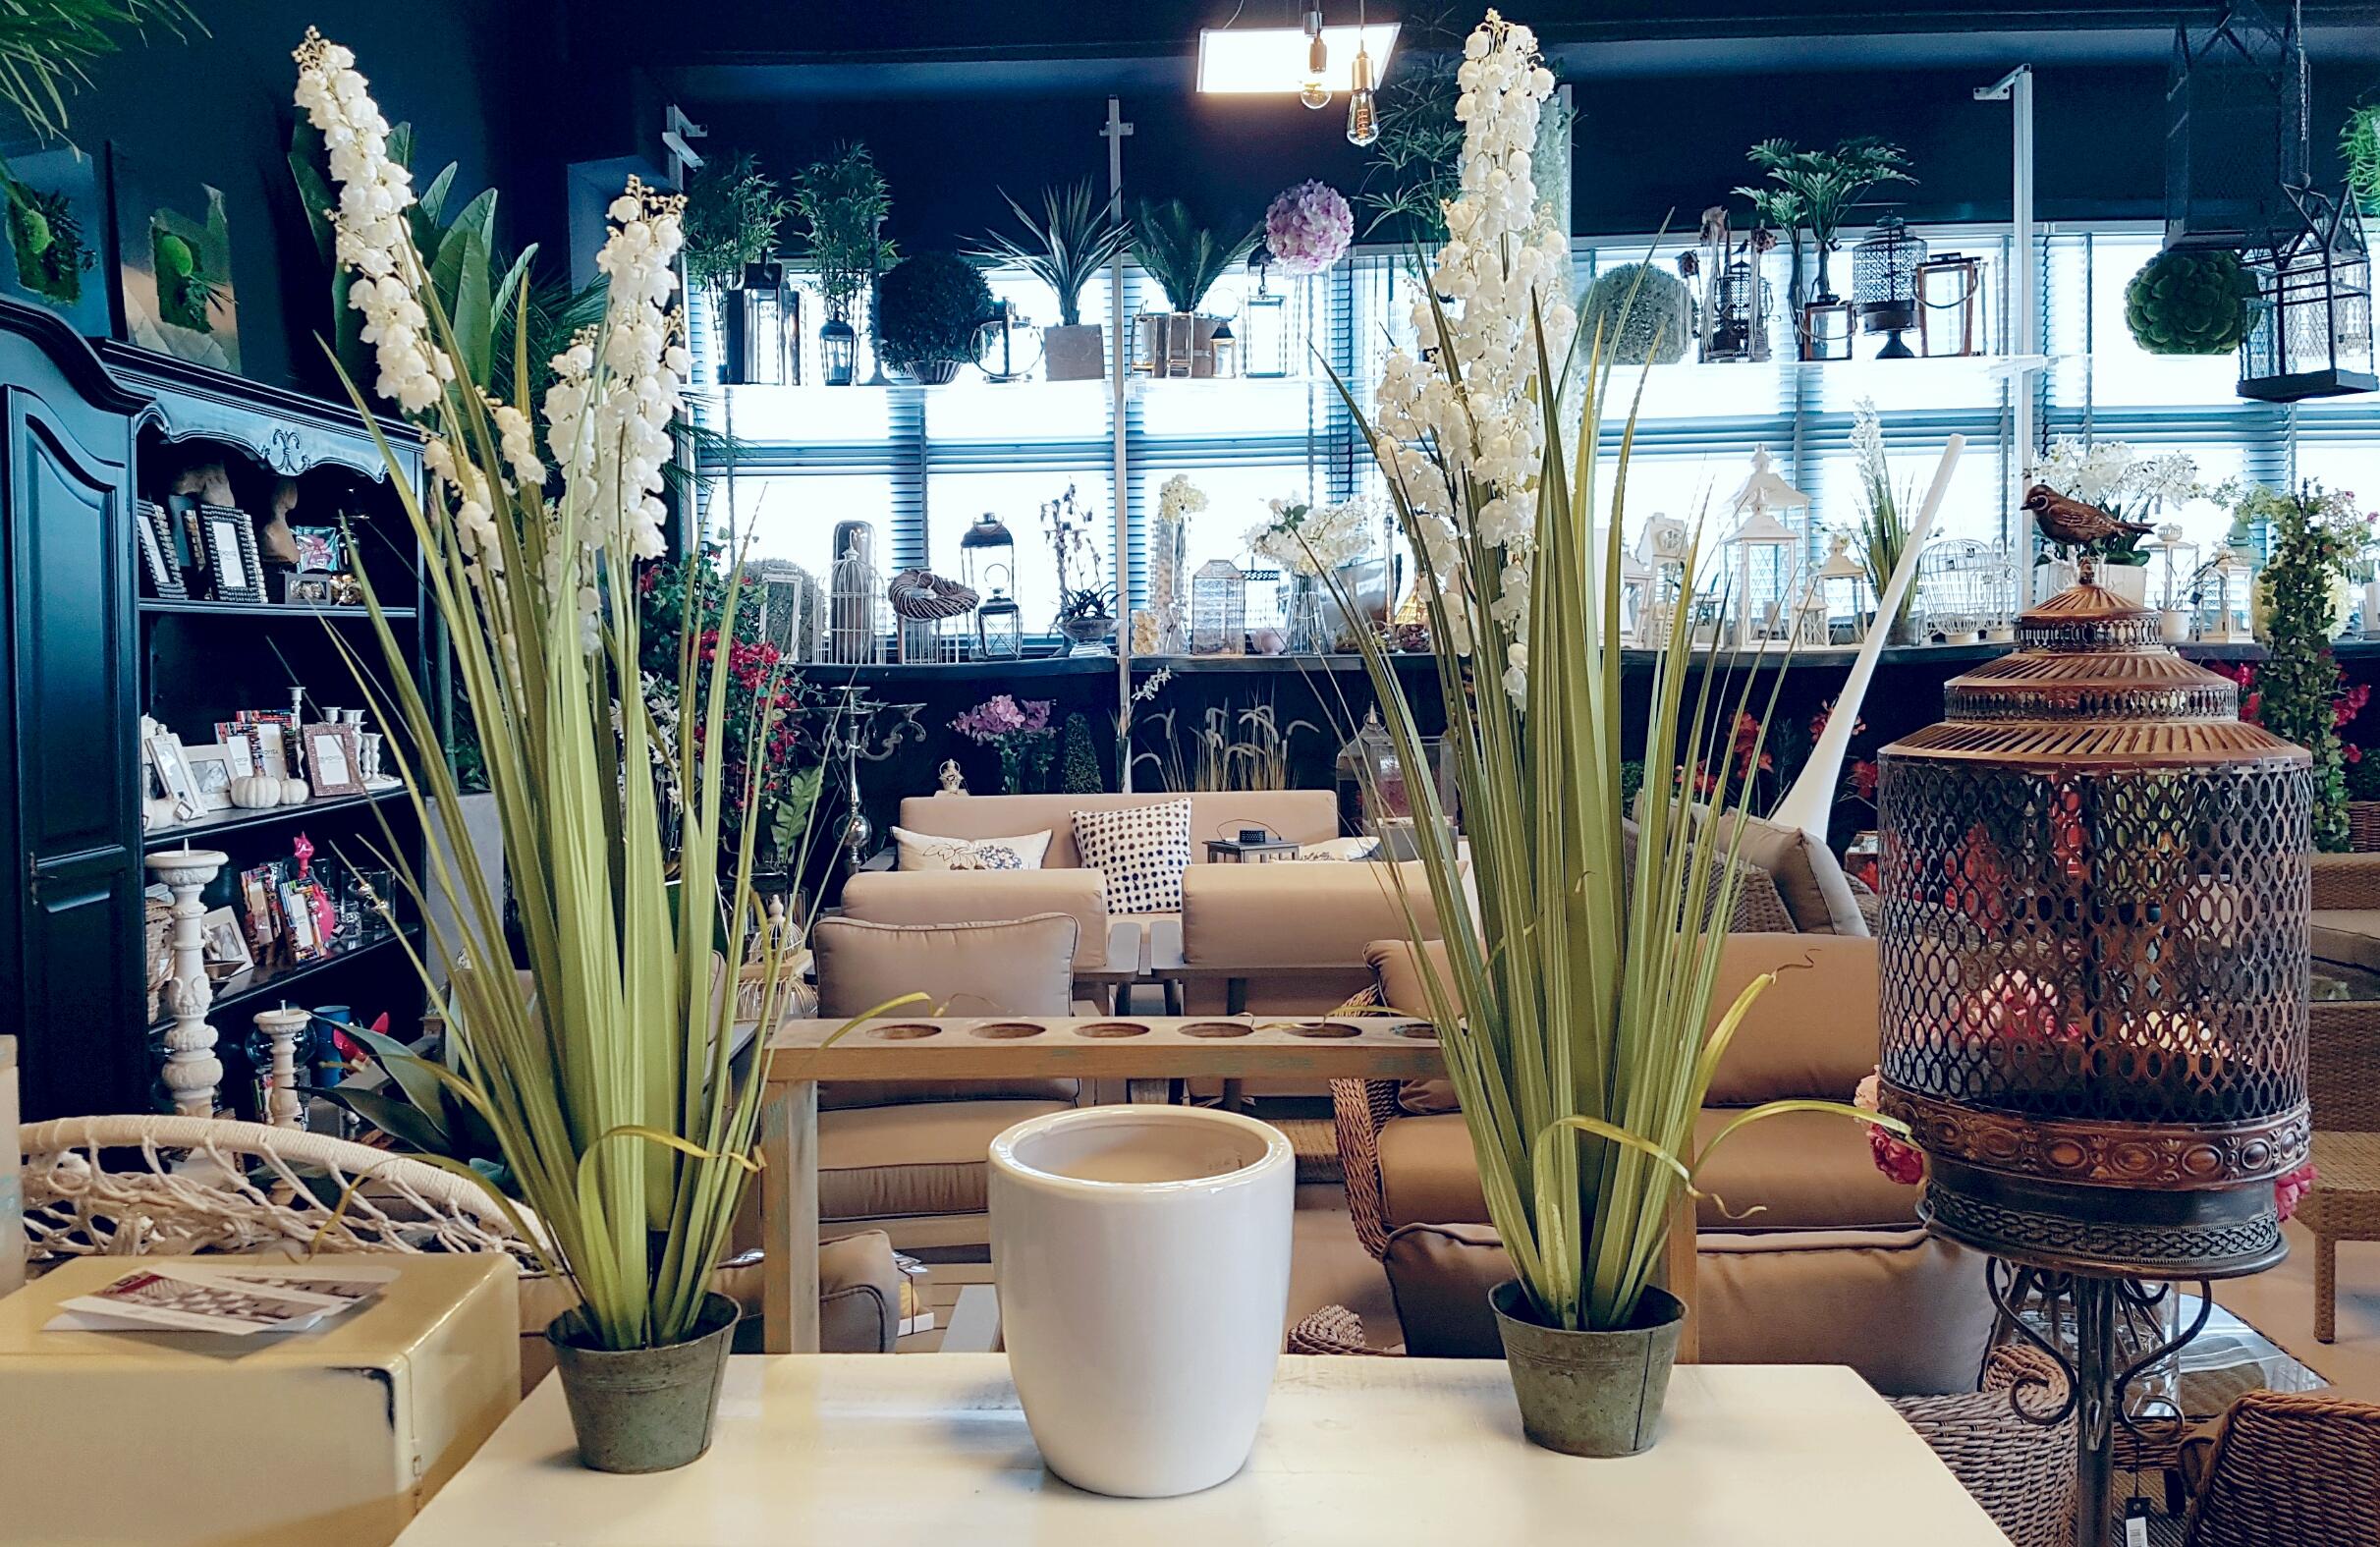 Piante Artificiali Da Esterno : Campanula piante artificiali da esterno interno viridium